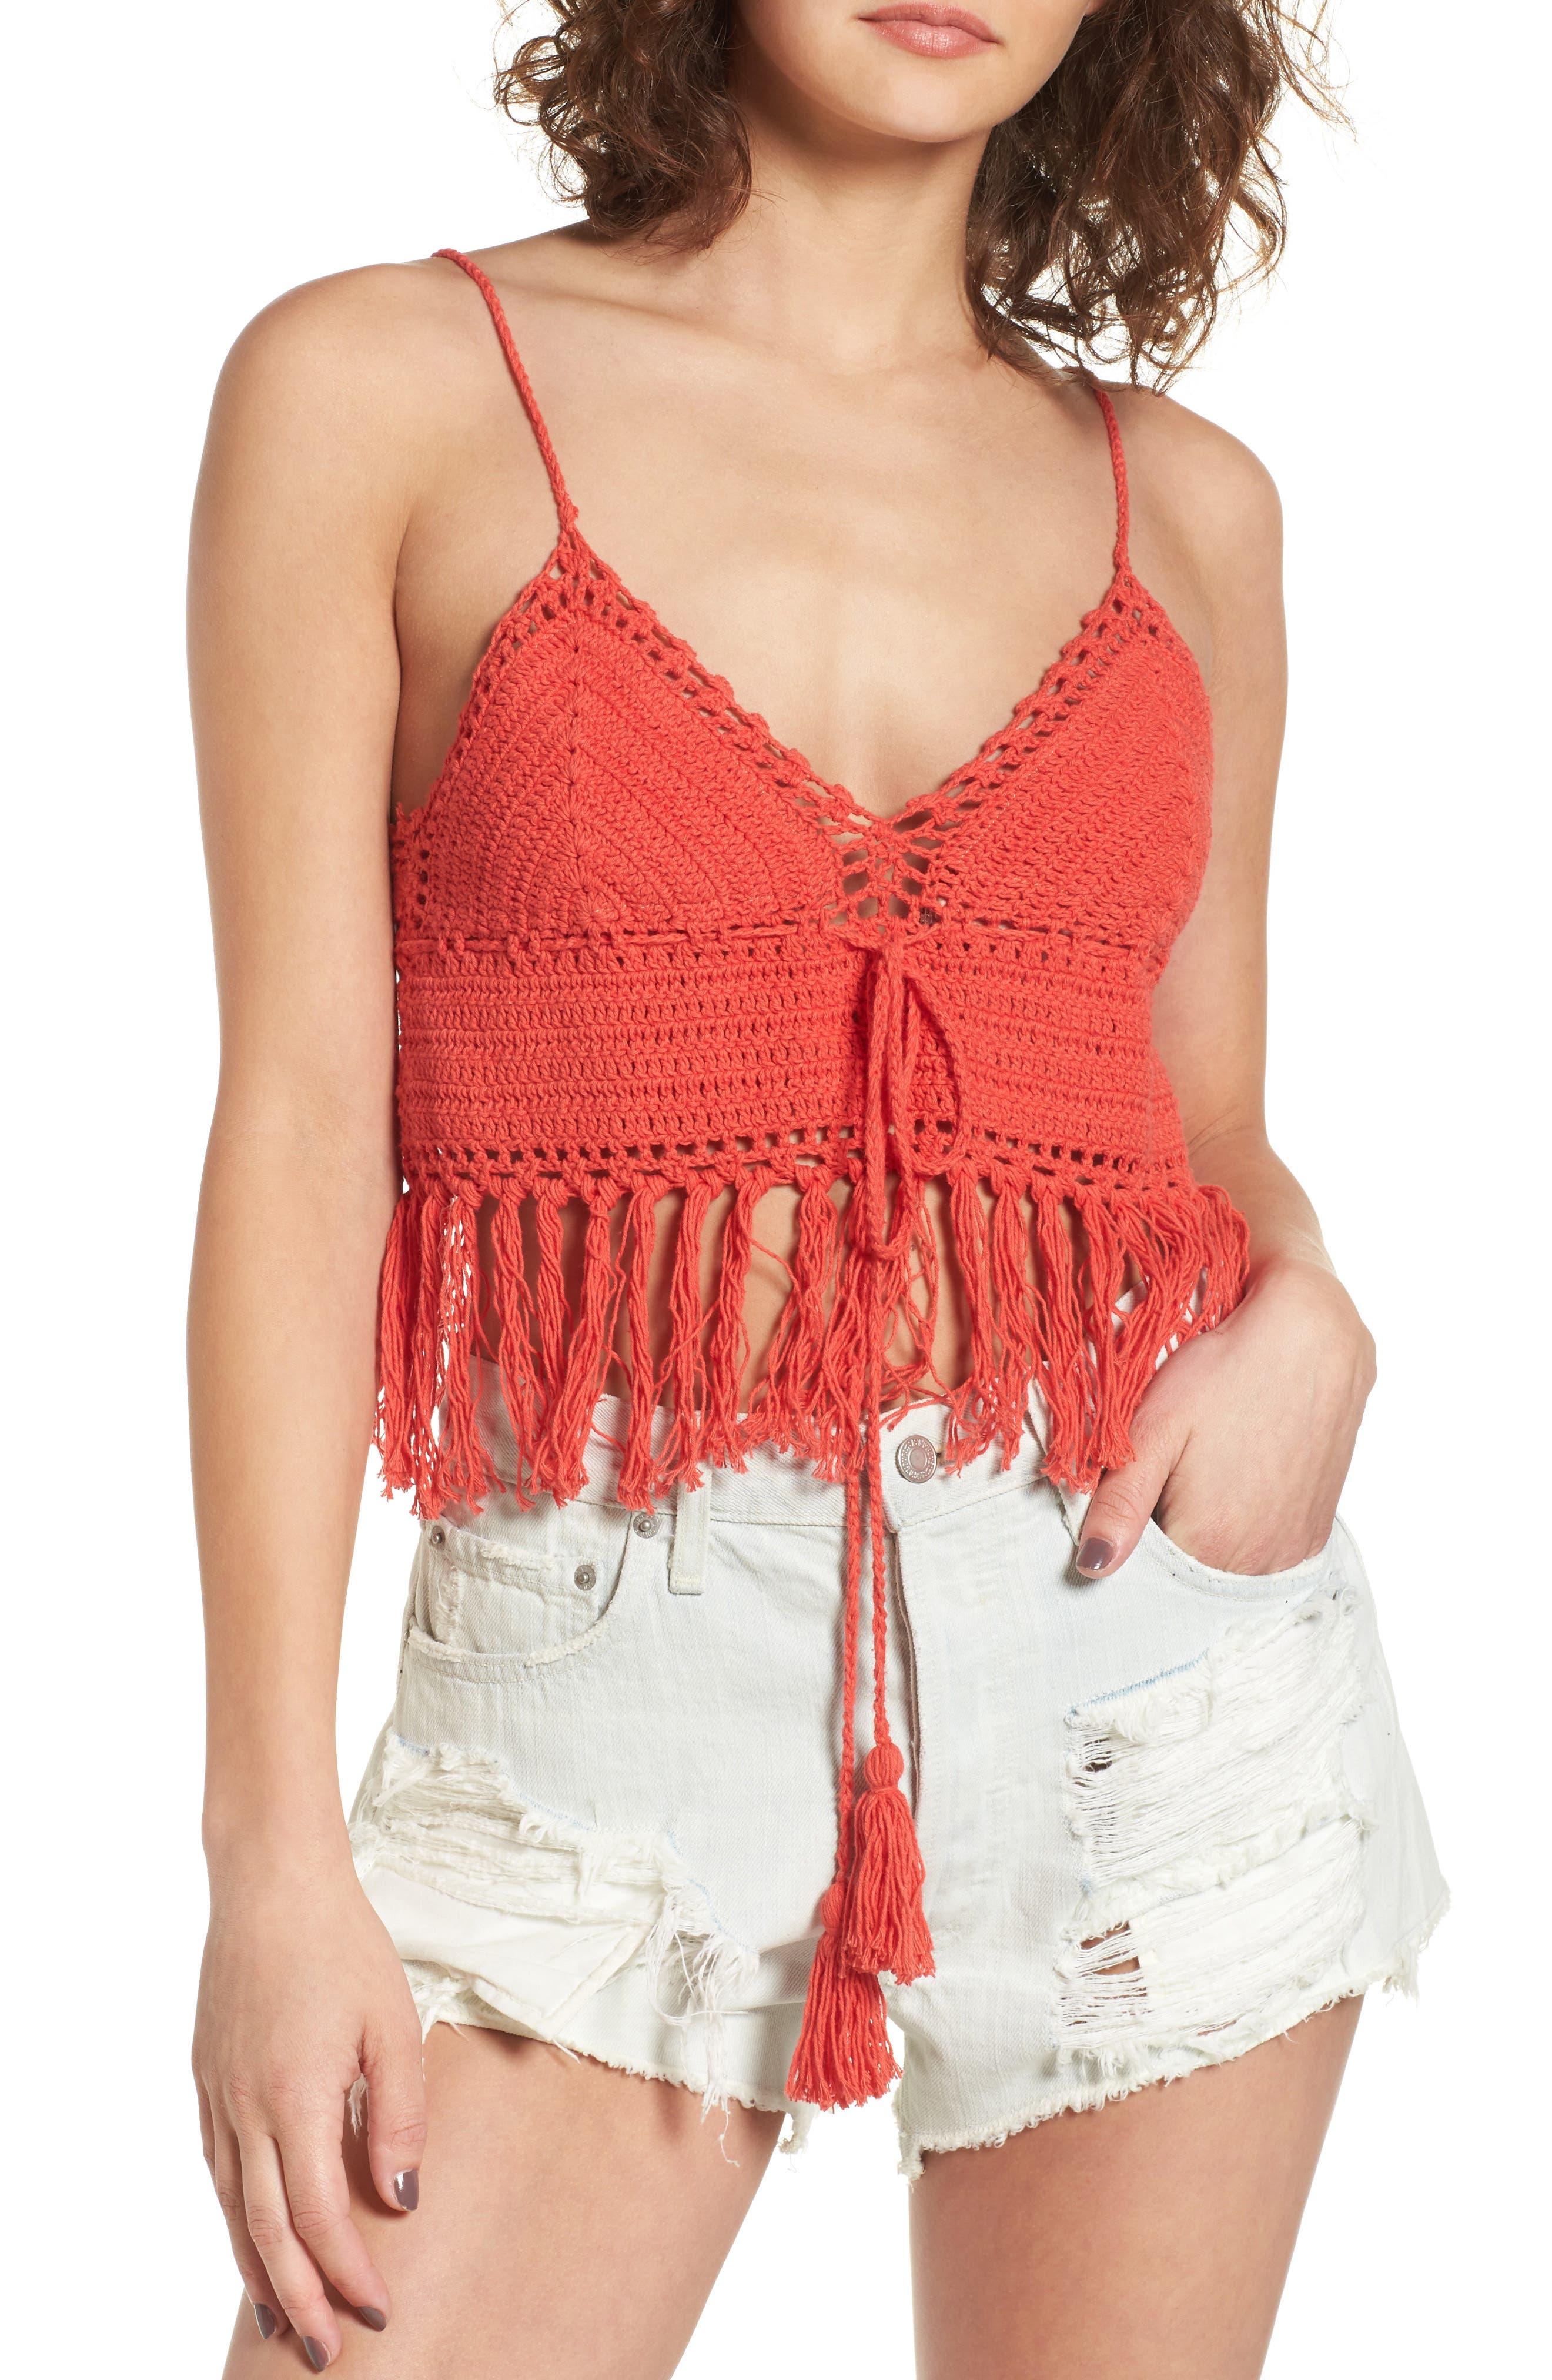 Soprano Crochet Bralette Top